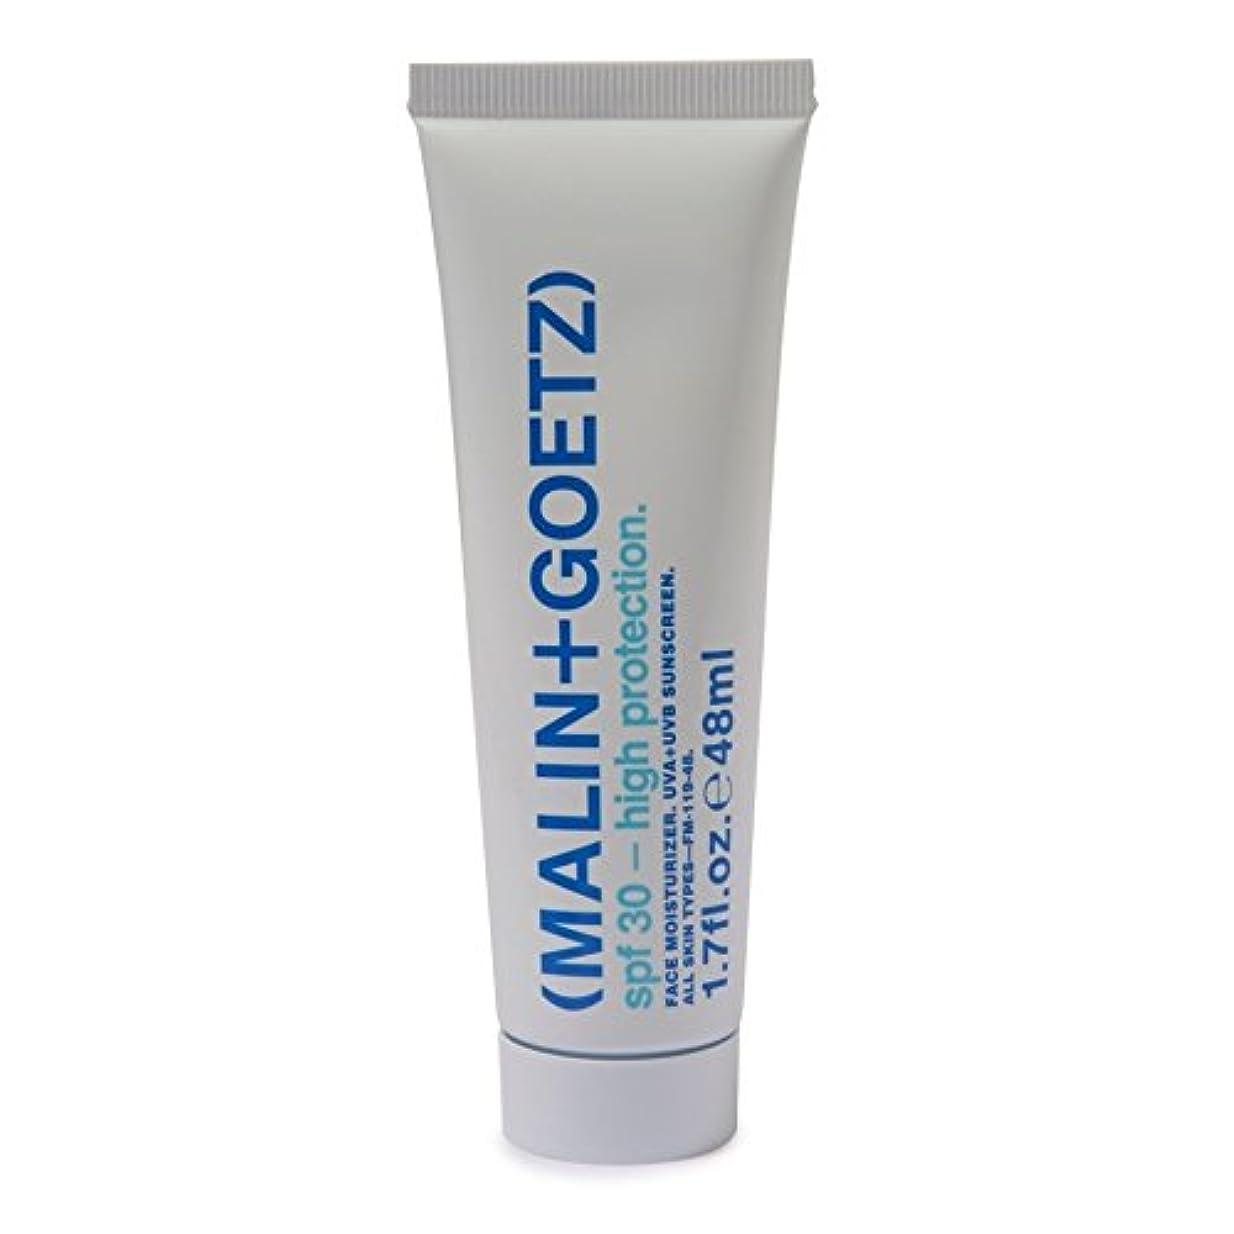 トマトどこでも違うマリン+ゲッツ顔の保湿剤の 30 48ミリリットル x4 - MALIN+GOETZ Face Moisturiser SPF 30 48ml (Pack of 4) [並行輸入品]